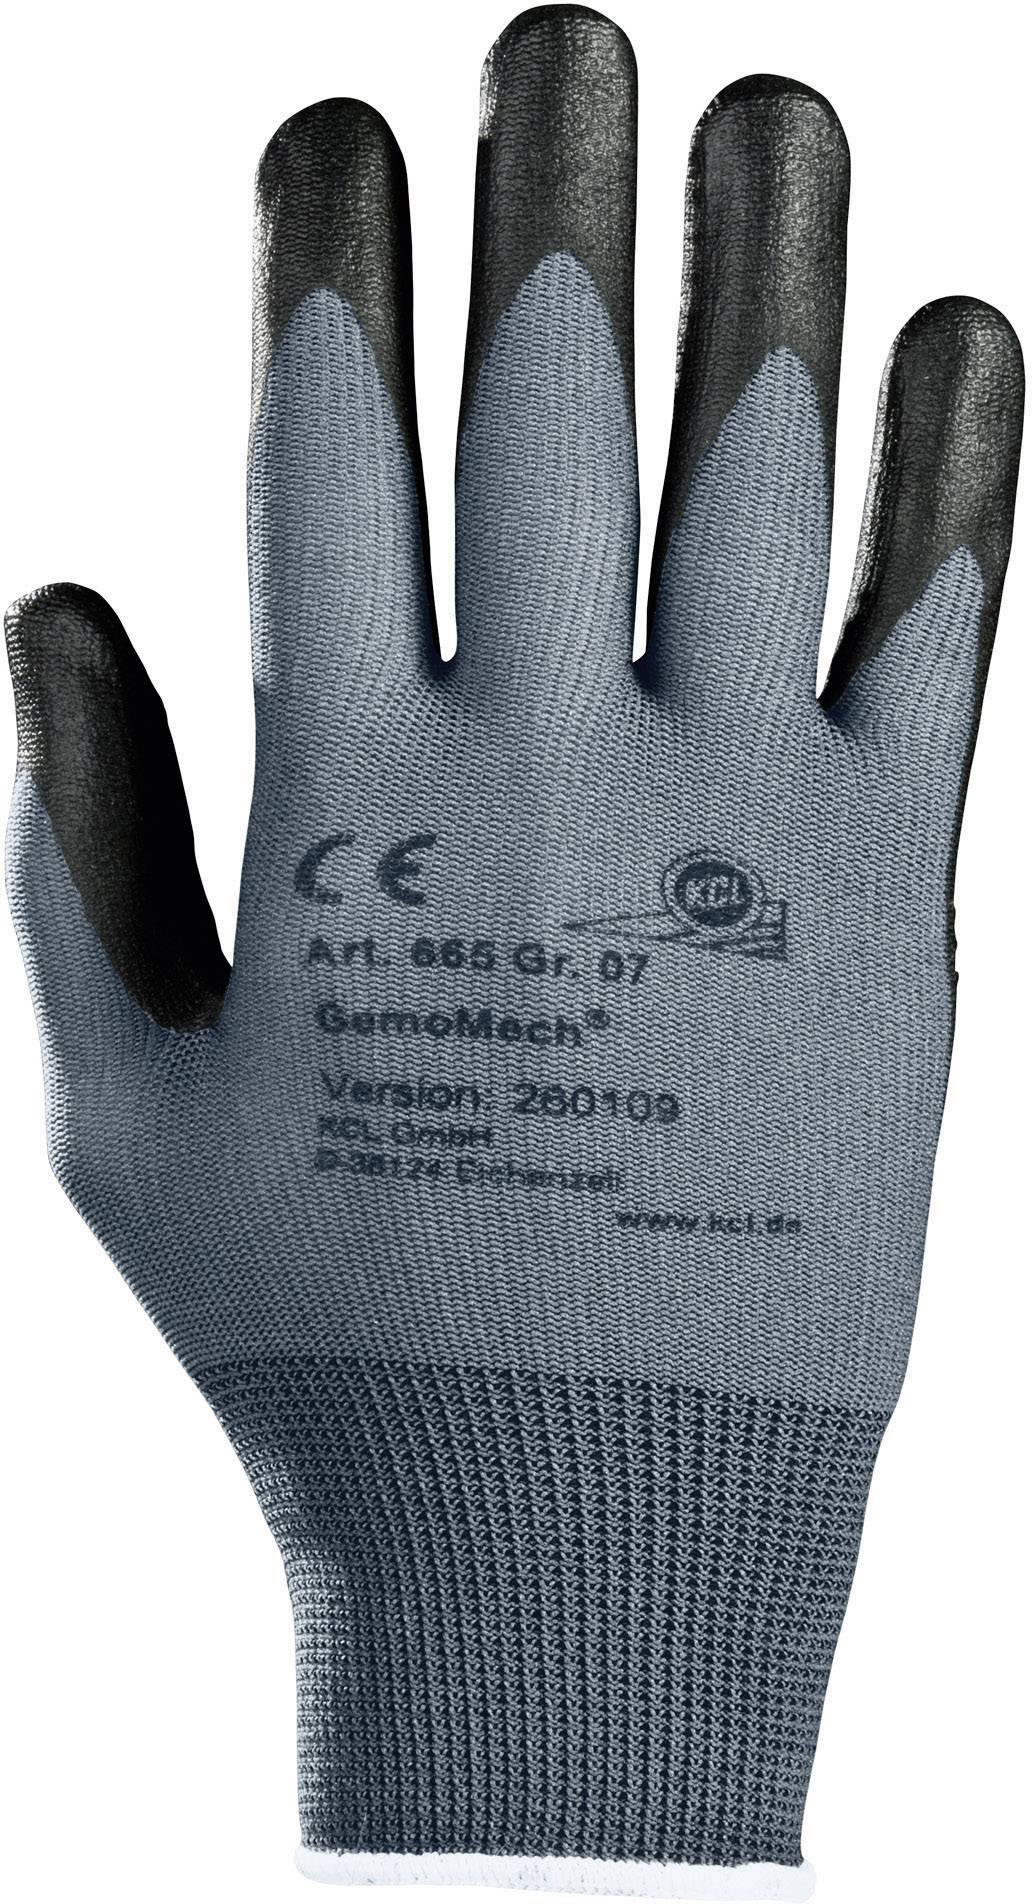 Pracovní rukavice KCL GemoMech 665 665, velikost rukavic: 7, S